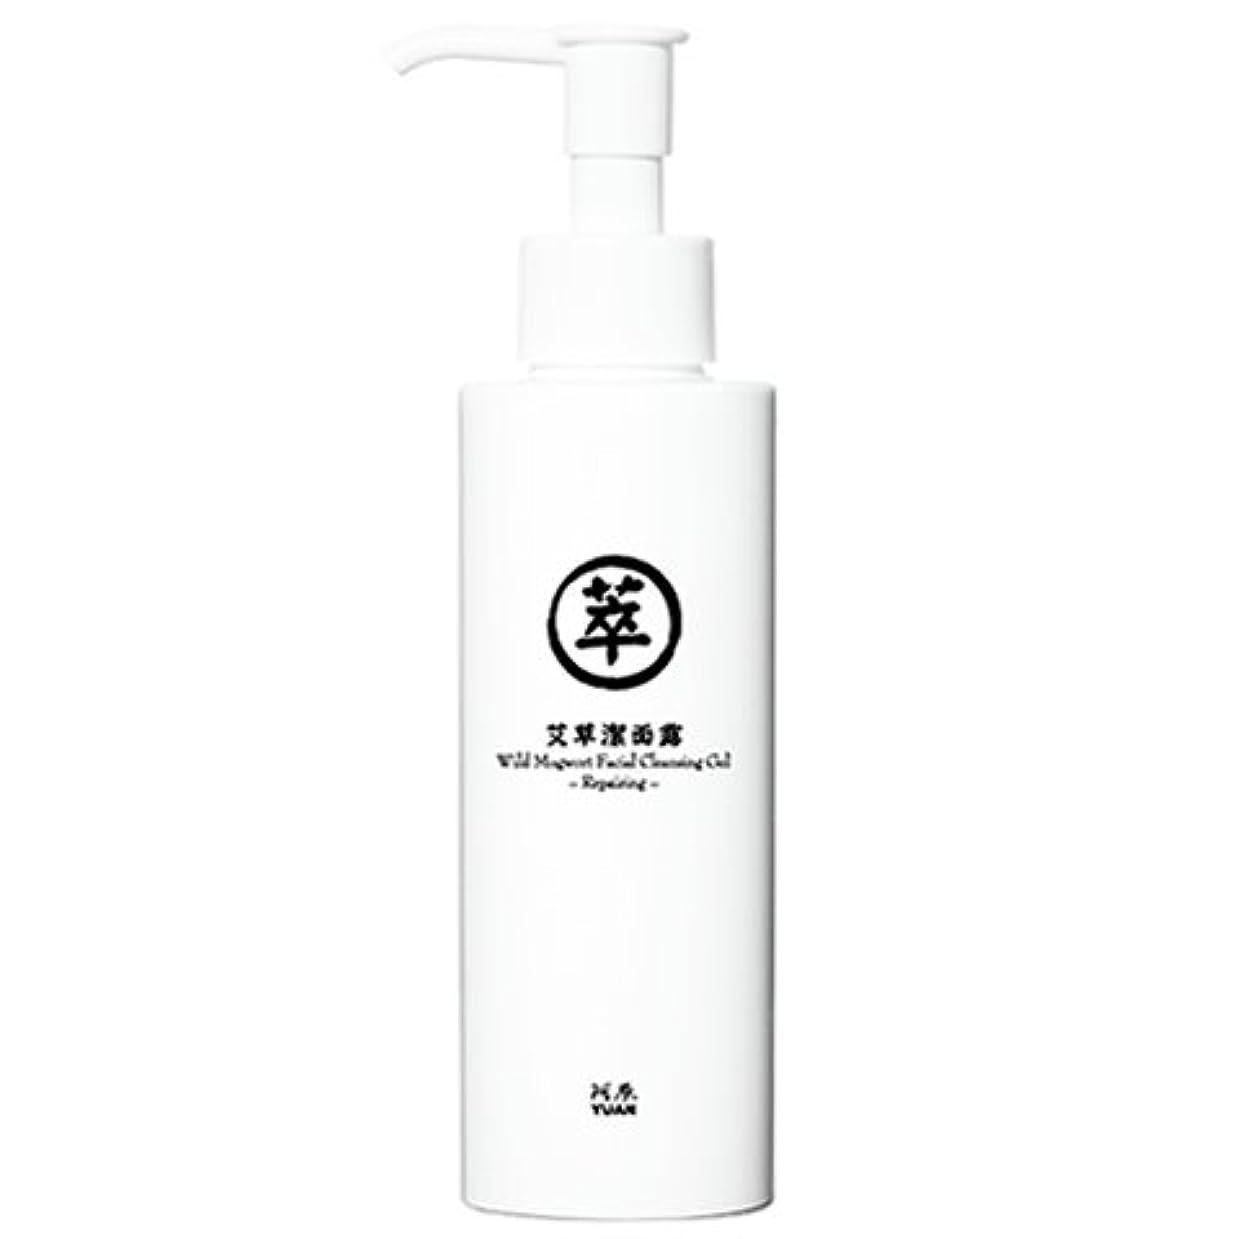 ロマンチック剃る委員会ユアン(YUAN)ヨモギ洗顔ジェル 150ml(阿原 ユアンソープ 台湾コスメ)